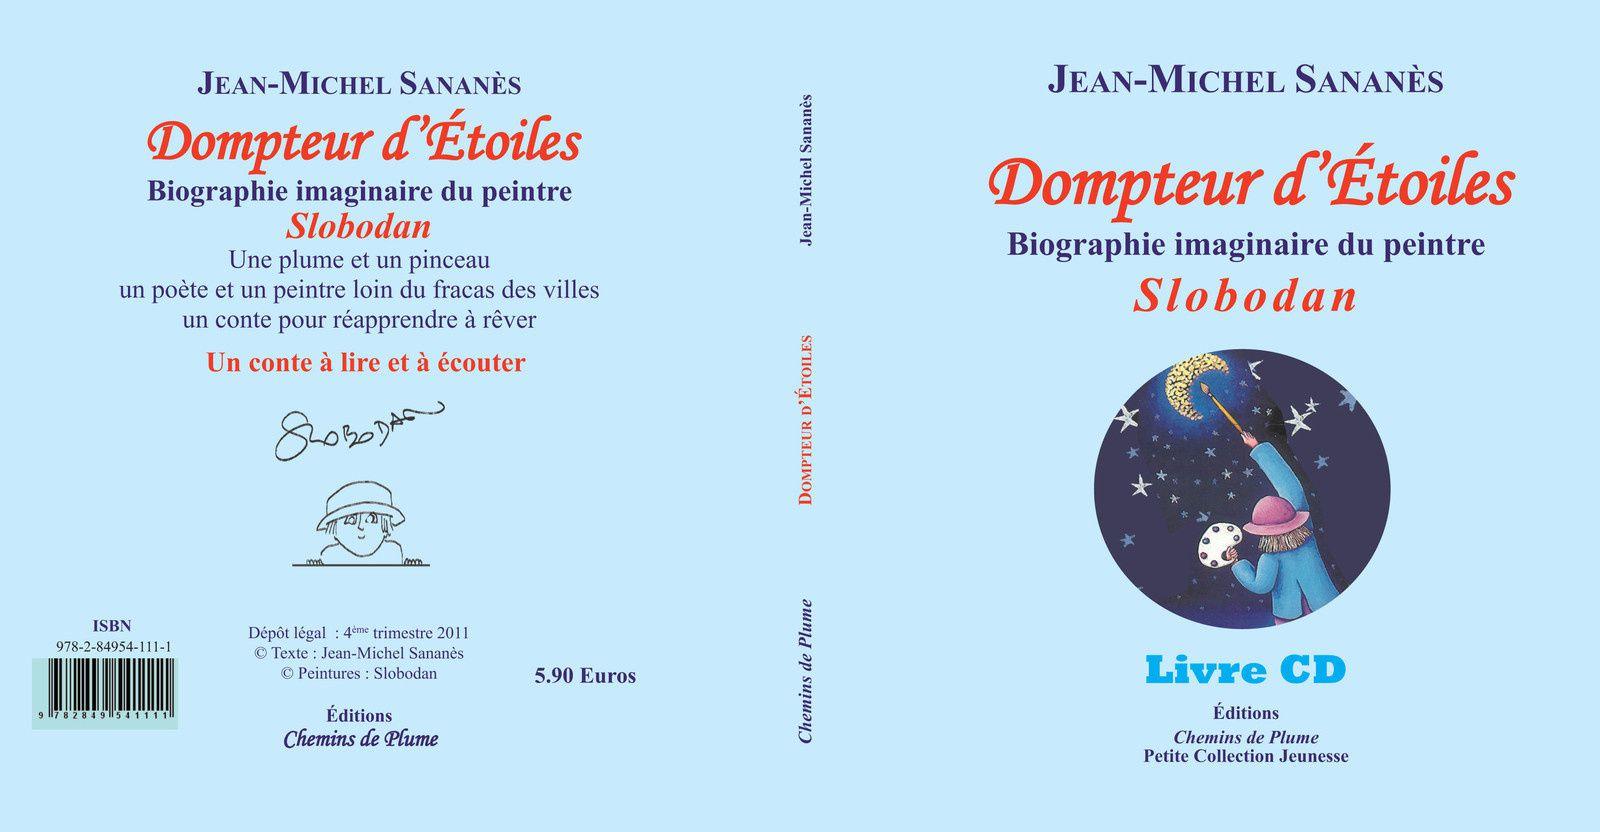 Dompteur d'étoiles - Jean-Michel Sananès - Illustrations Slobodan